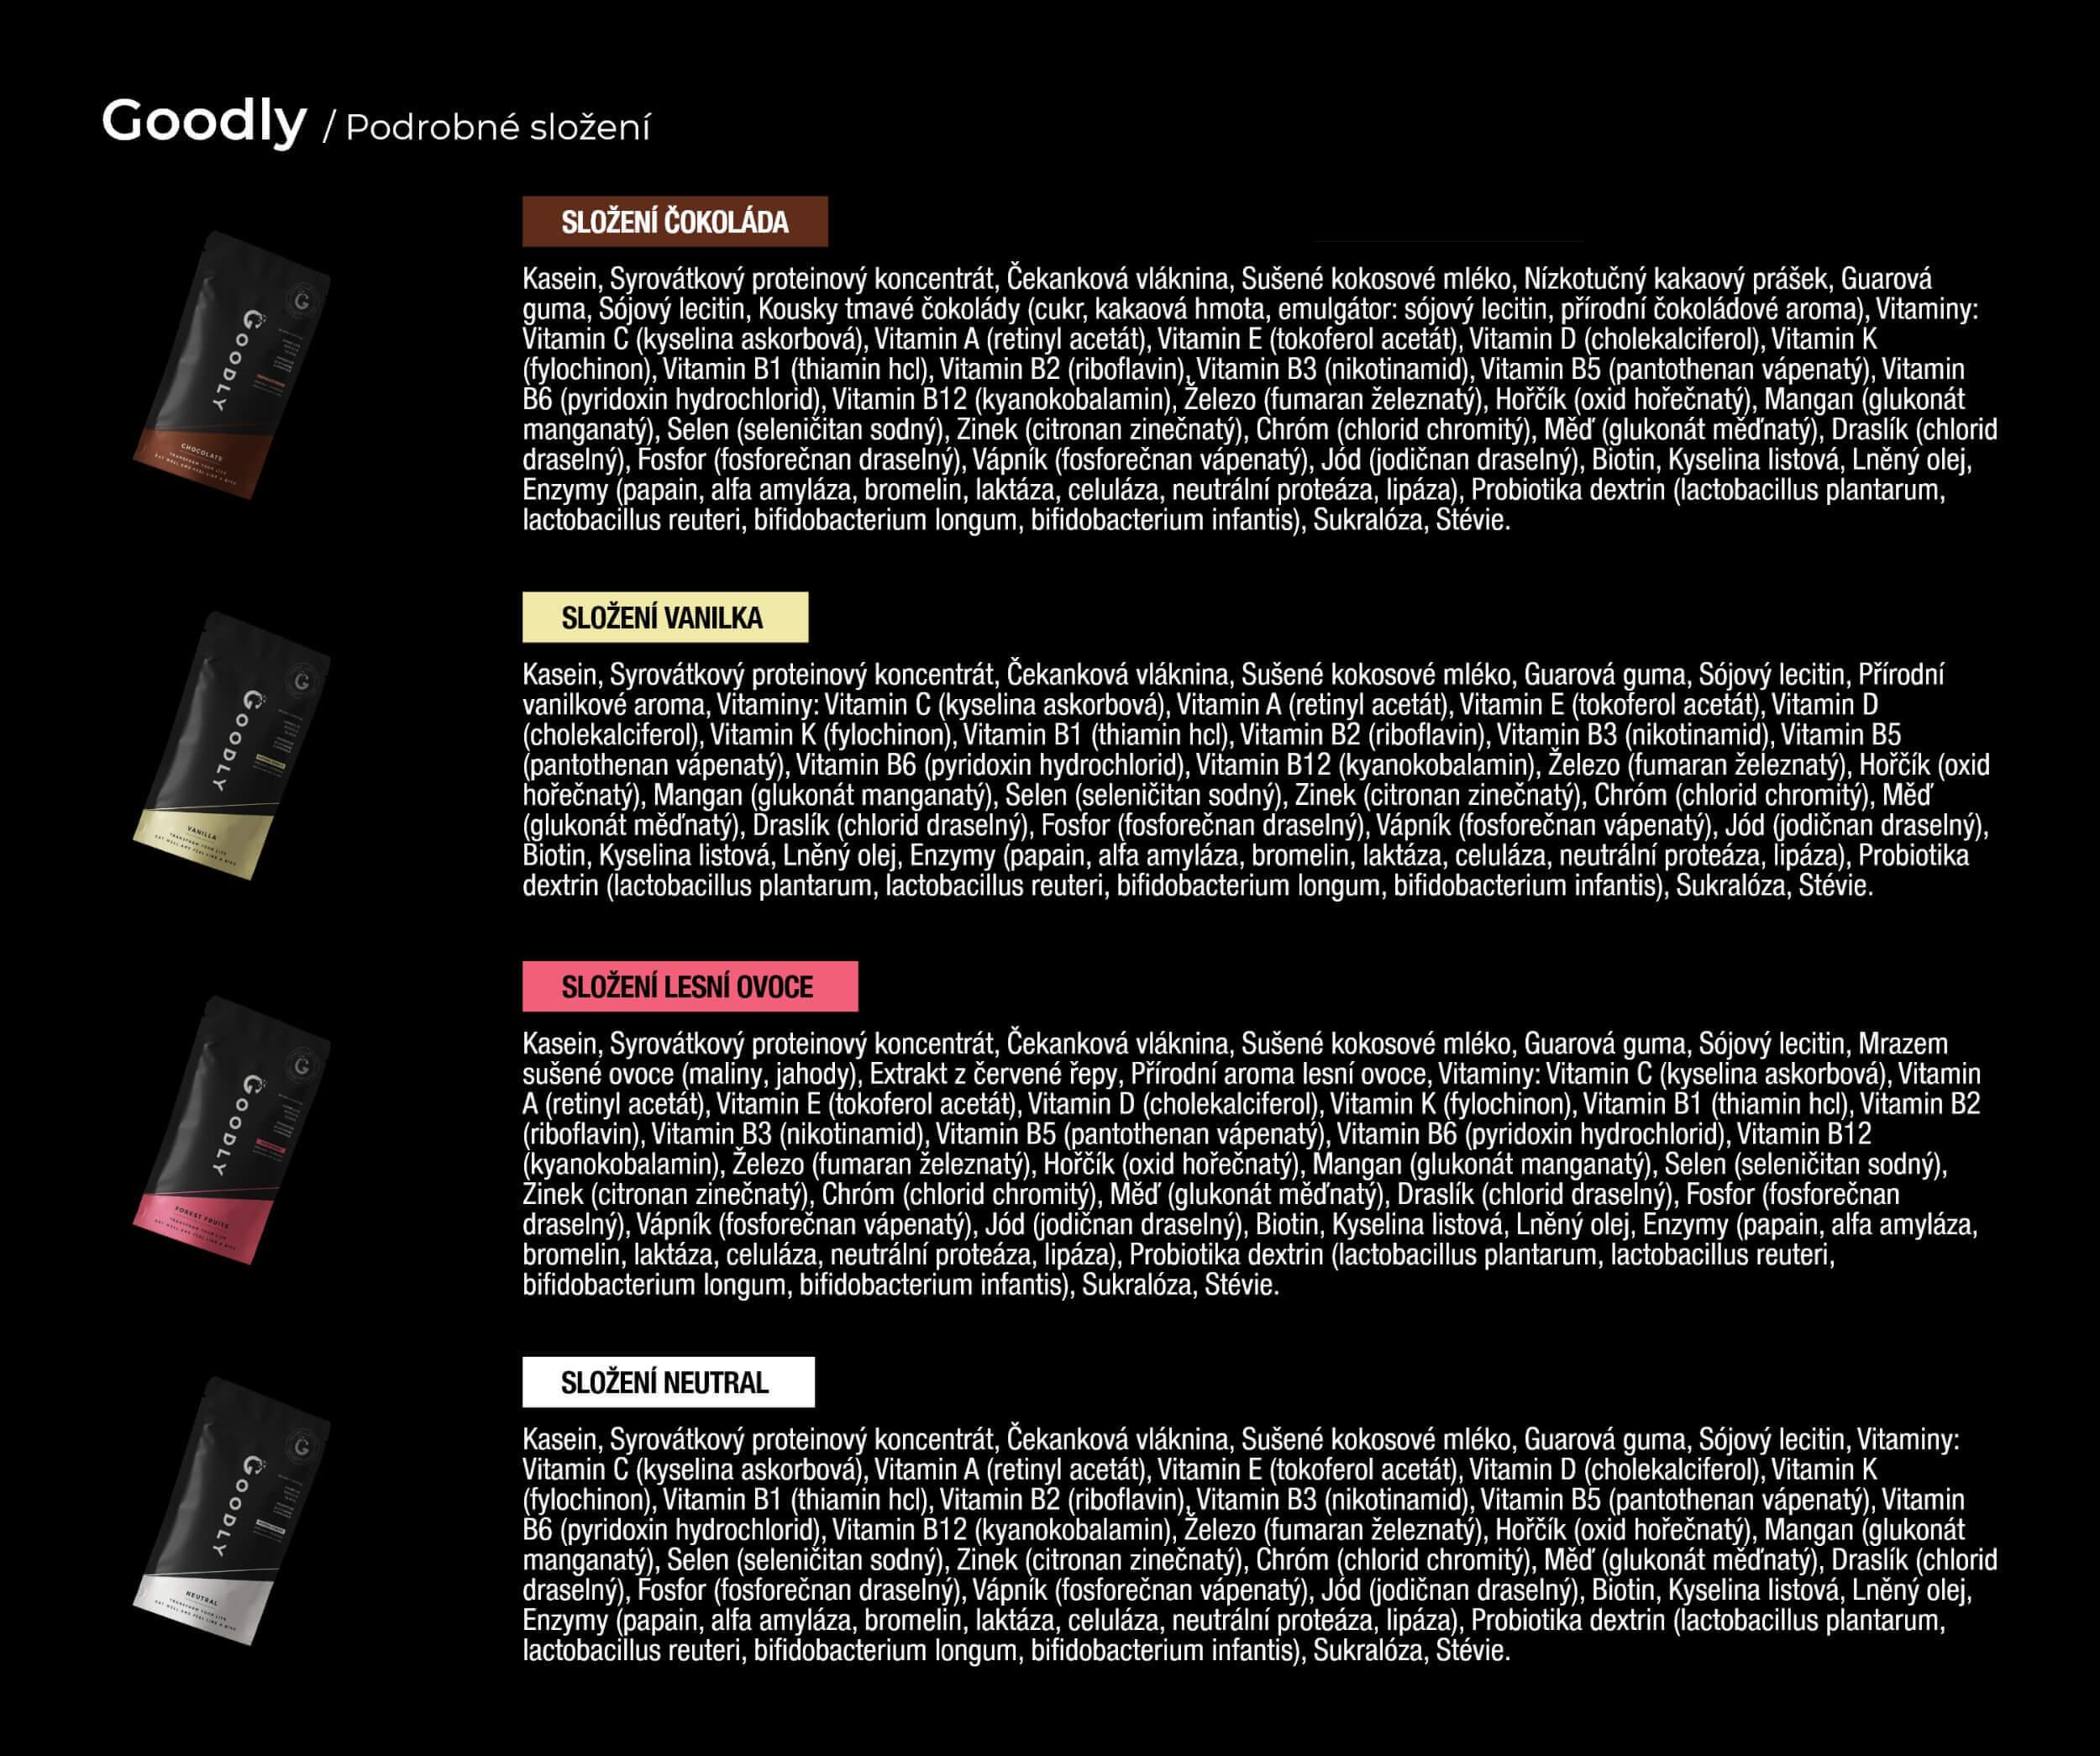 Podrobné složení výrobků Goodly